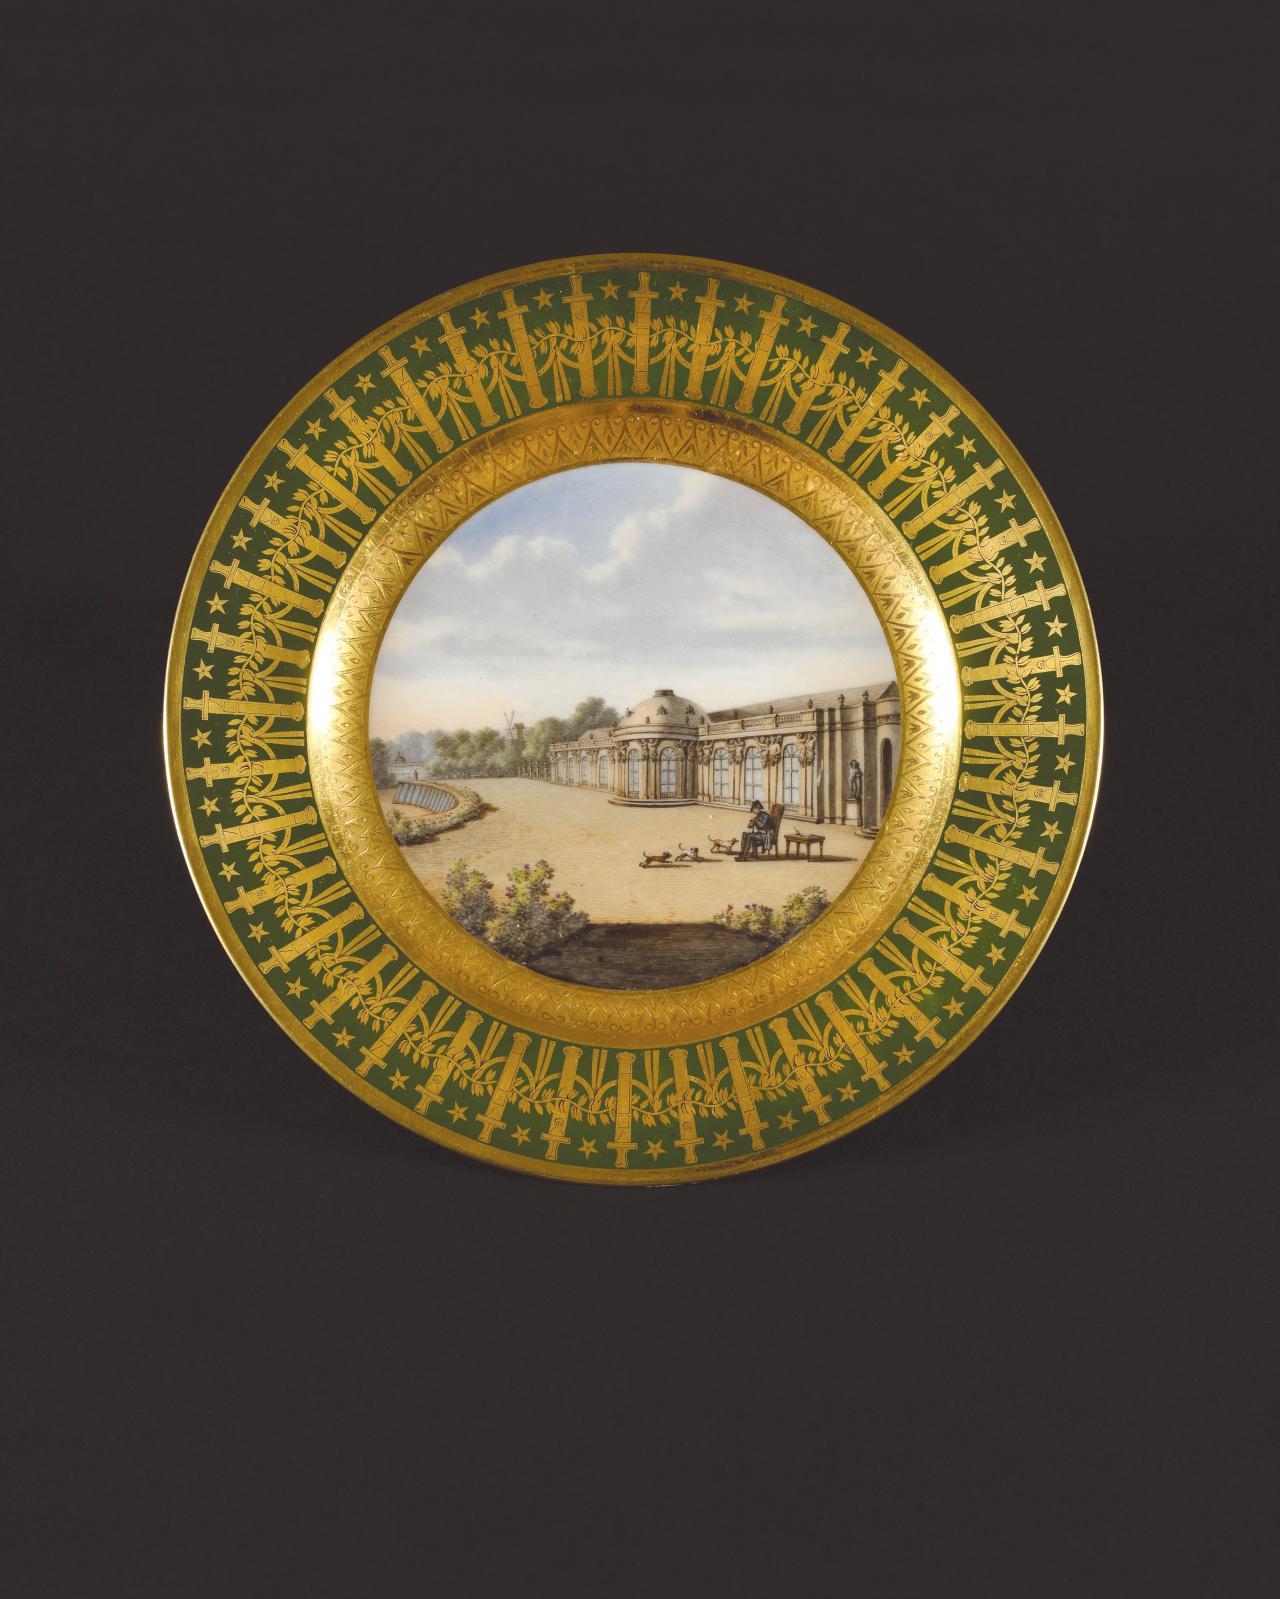 Le second meilleur résultat revenait au service particulier de Napoléon emporté à Sainte-Hélène, celui «des Quartiers généraux» fabriqué